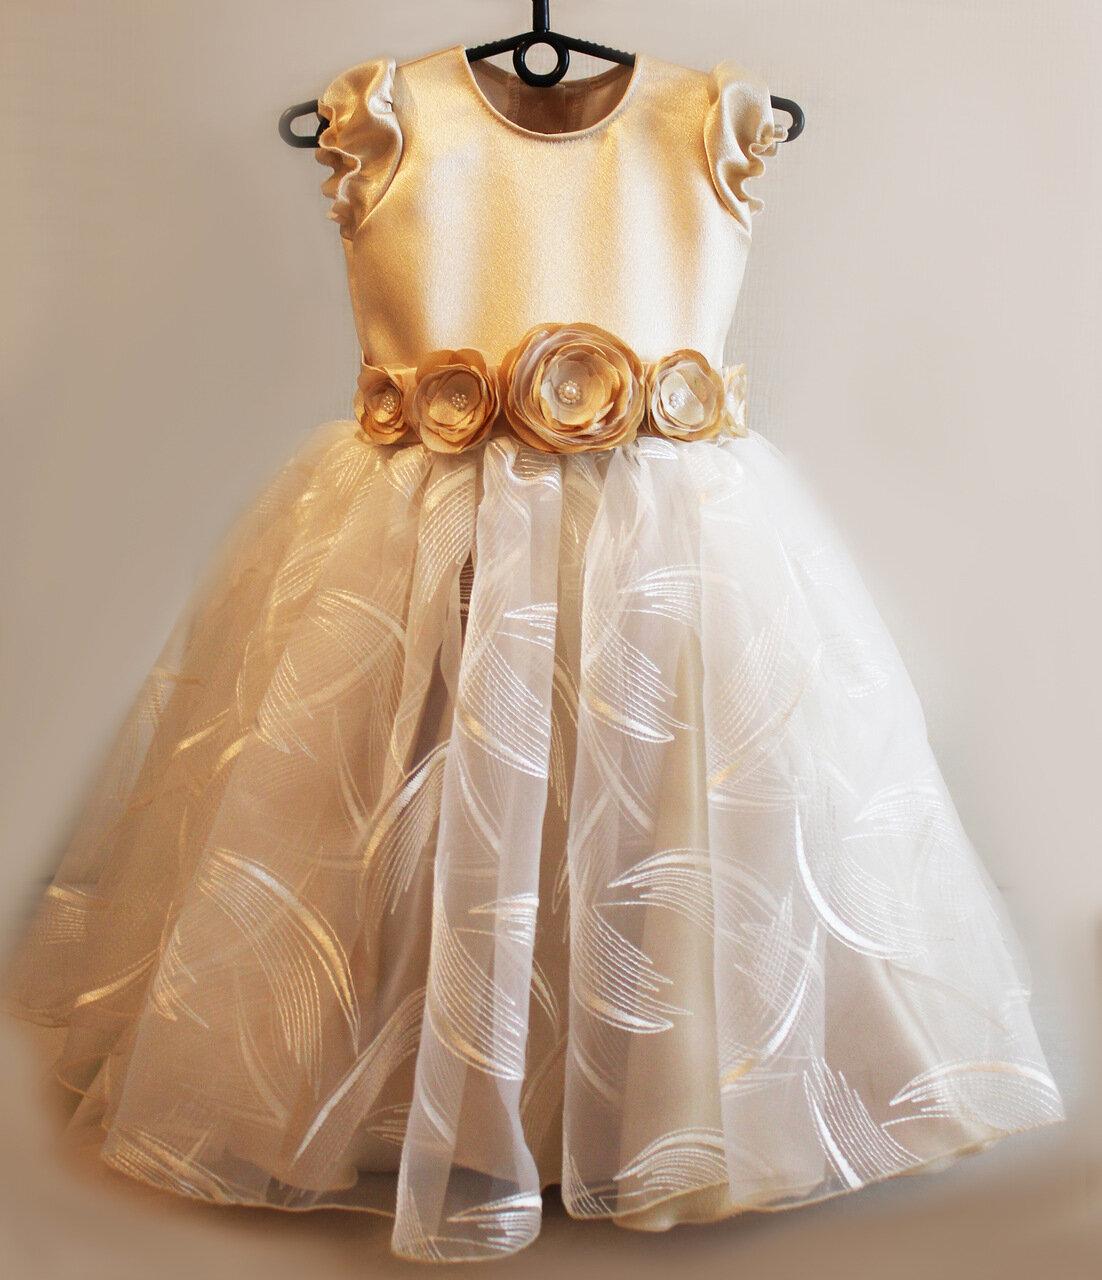 детское платье нарядное наряд для маленькой девочки